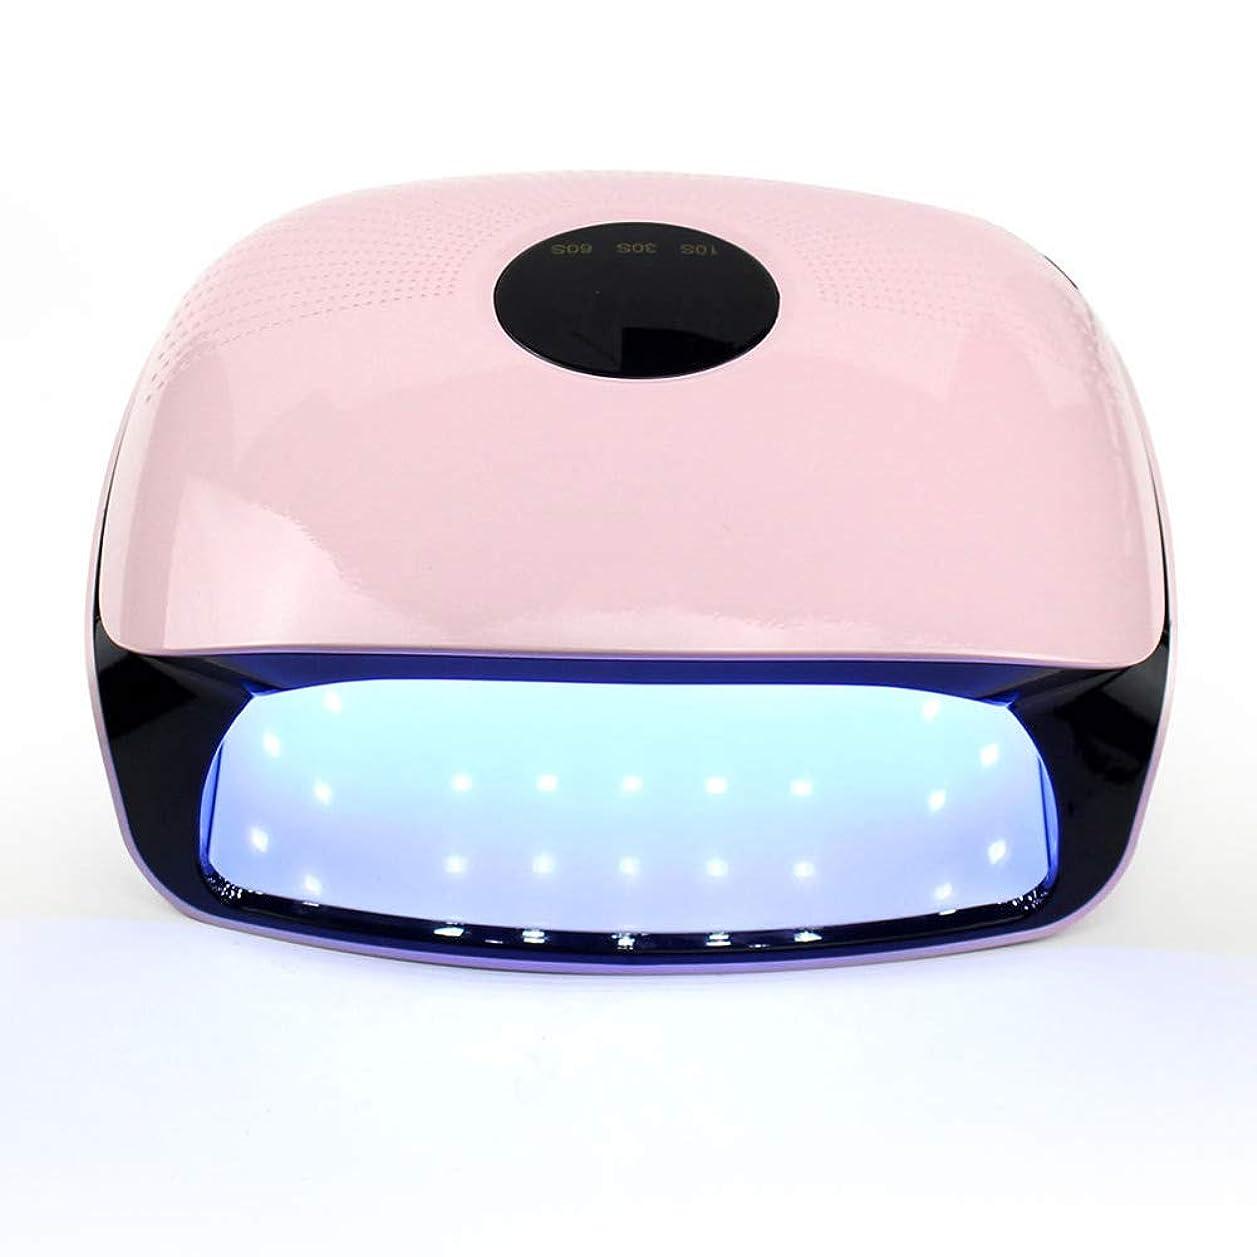 ピンク口頭テクトニックネイルドライヤー - 温度保護第3ギアタイミング無痛モード36 LGランプビーズ速乾性機上のLED光線療法機48W